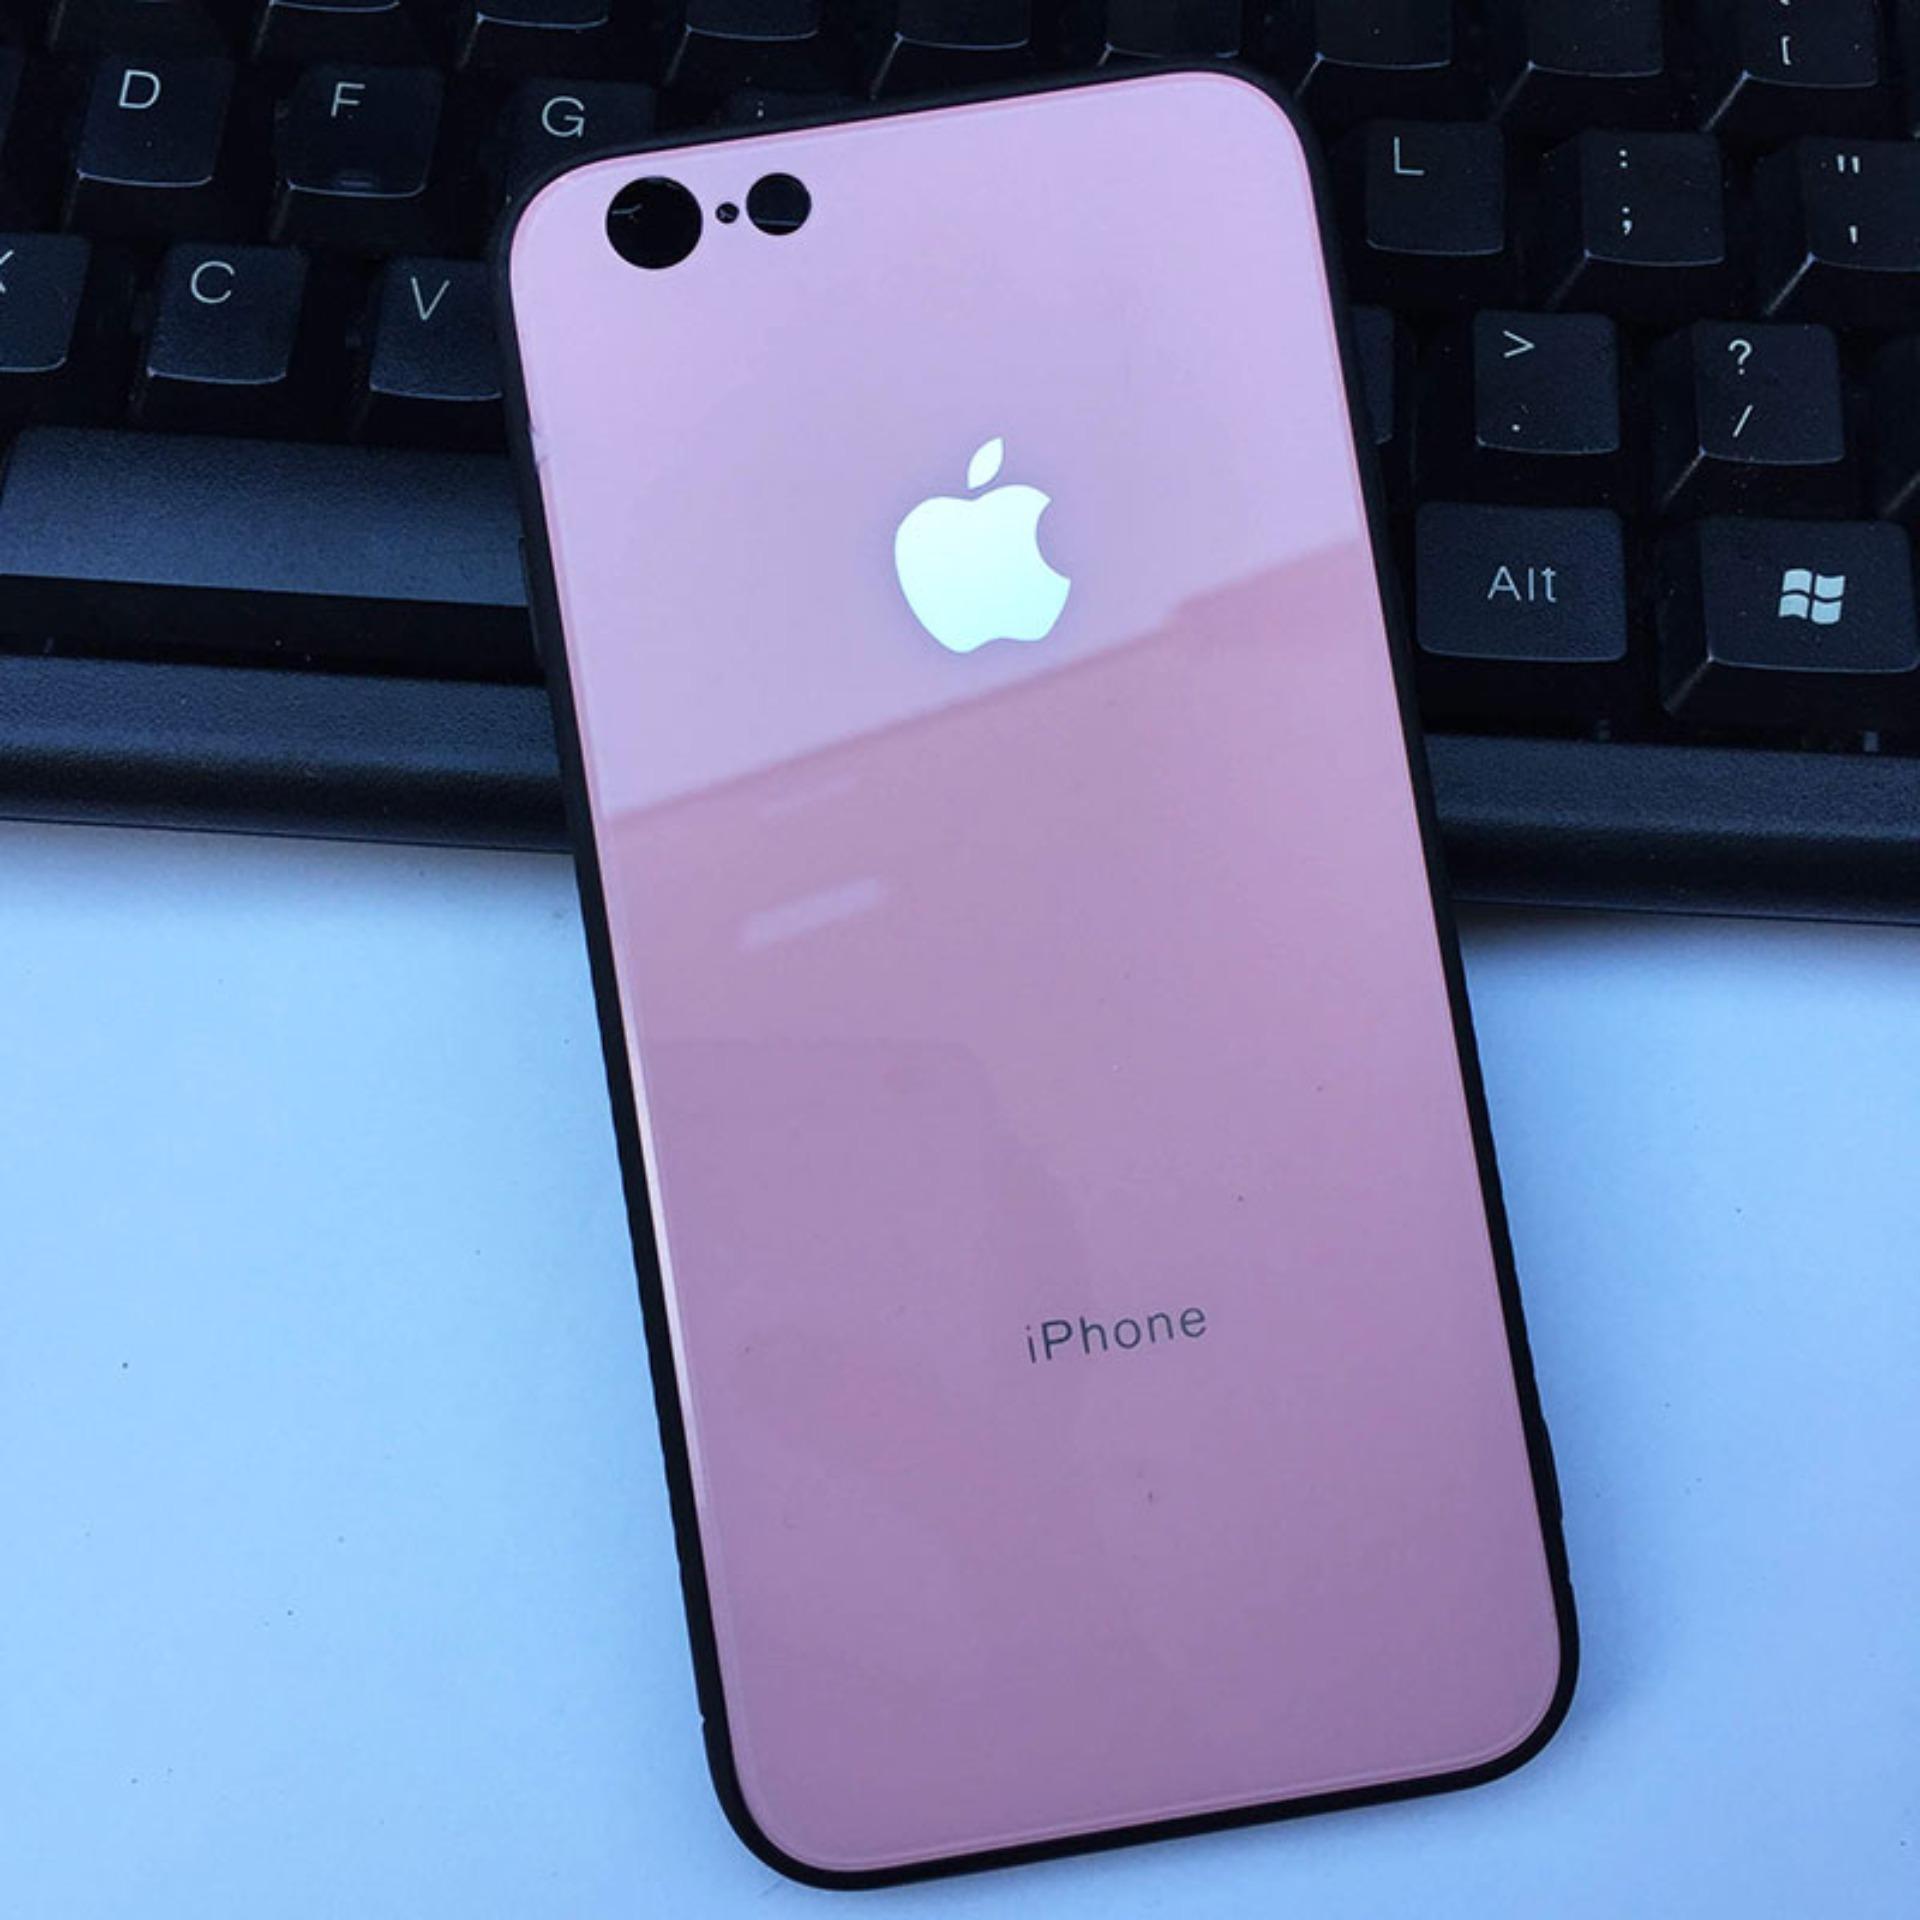 Ốp lưng iPhone 6/6s giống lưng iphone 8 (cực chất) Đang Bán Tại PhuKienBen